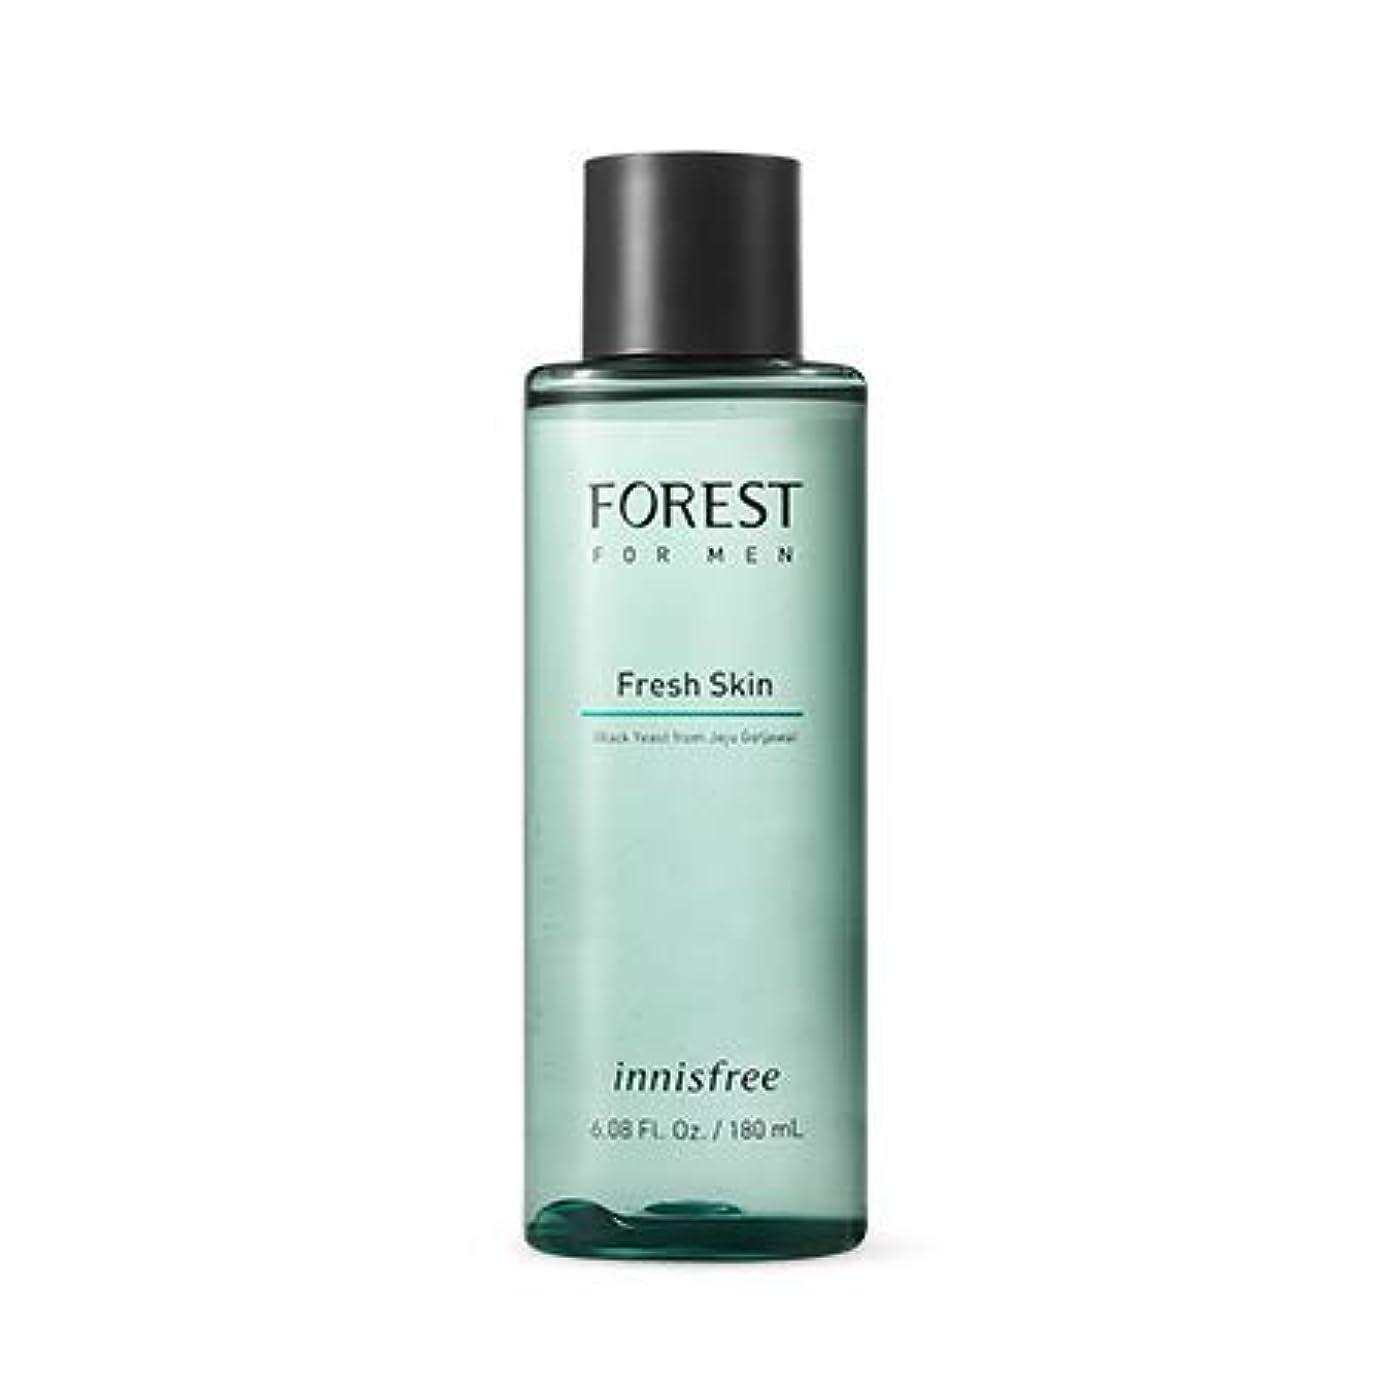 権威鉛じゃない[イニスフリー]フォレストフォアマンフレッシュスキン180mL(2019.05 new)Forest for Men Fresh Skin